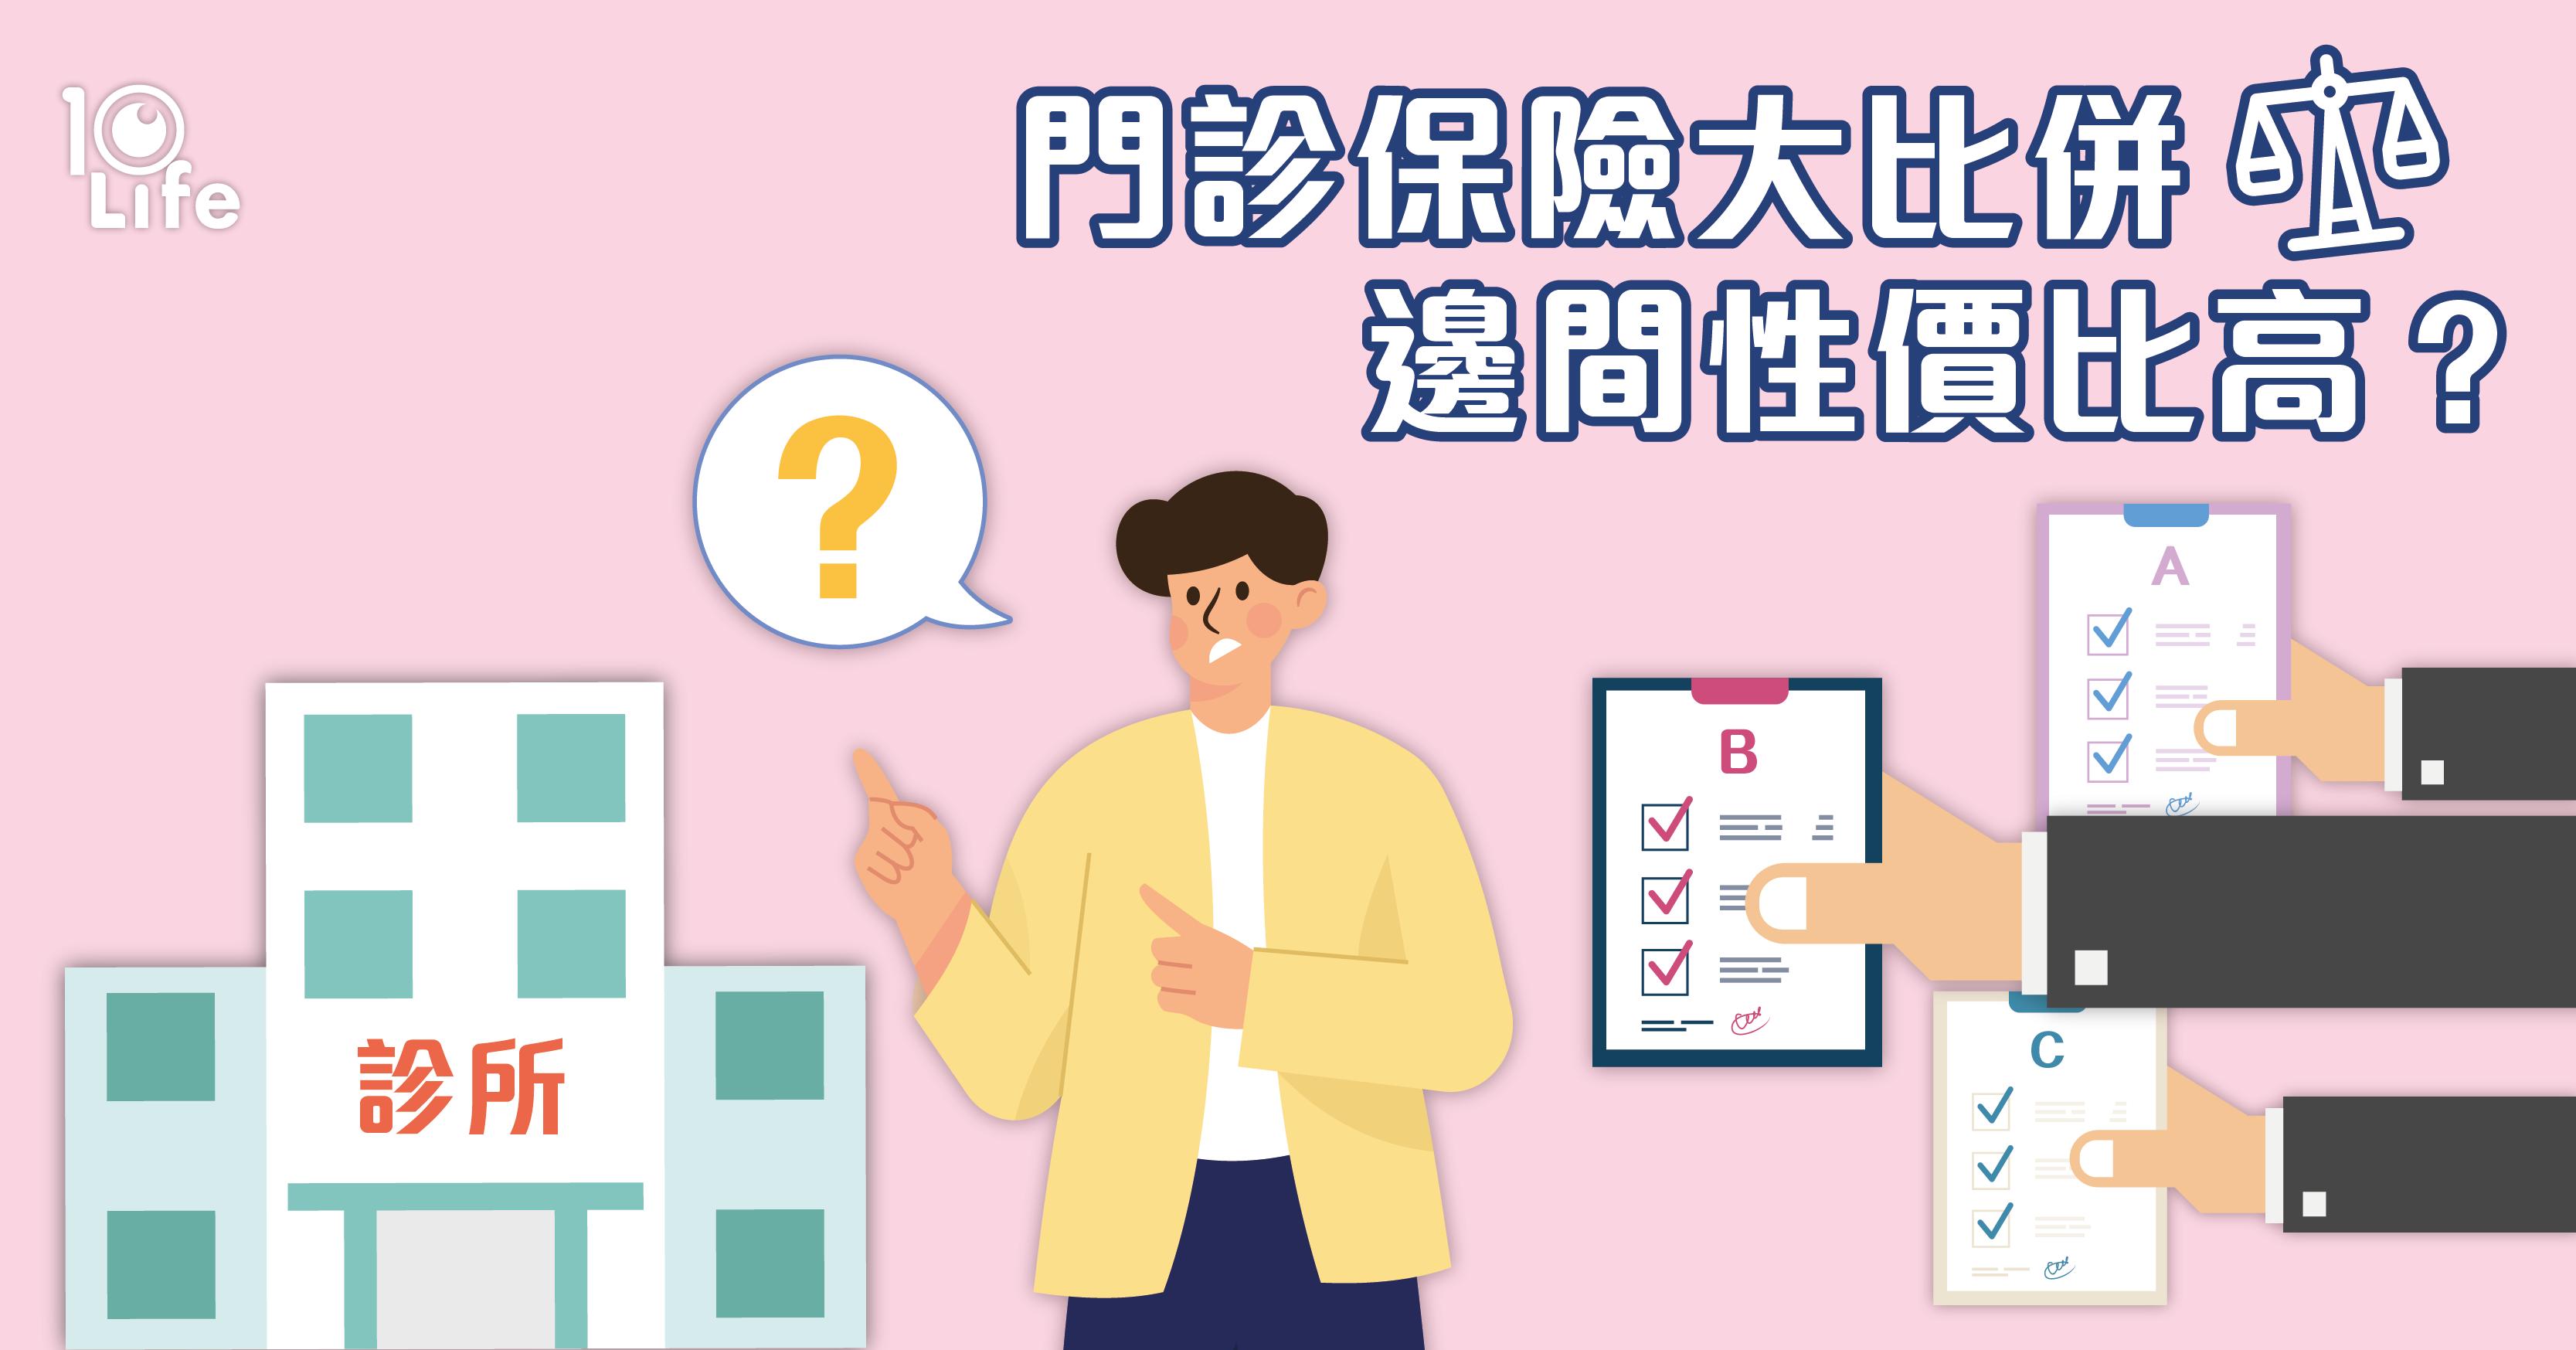 【門診保險比較】 保障、收費比較  點止睇專科、中醫咁簡單!| 10Life